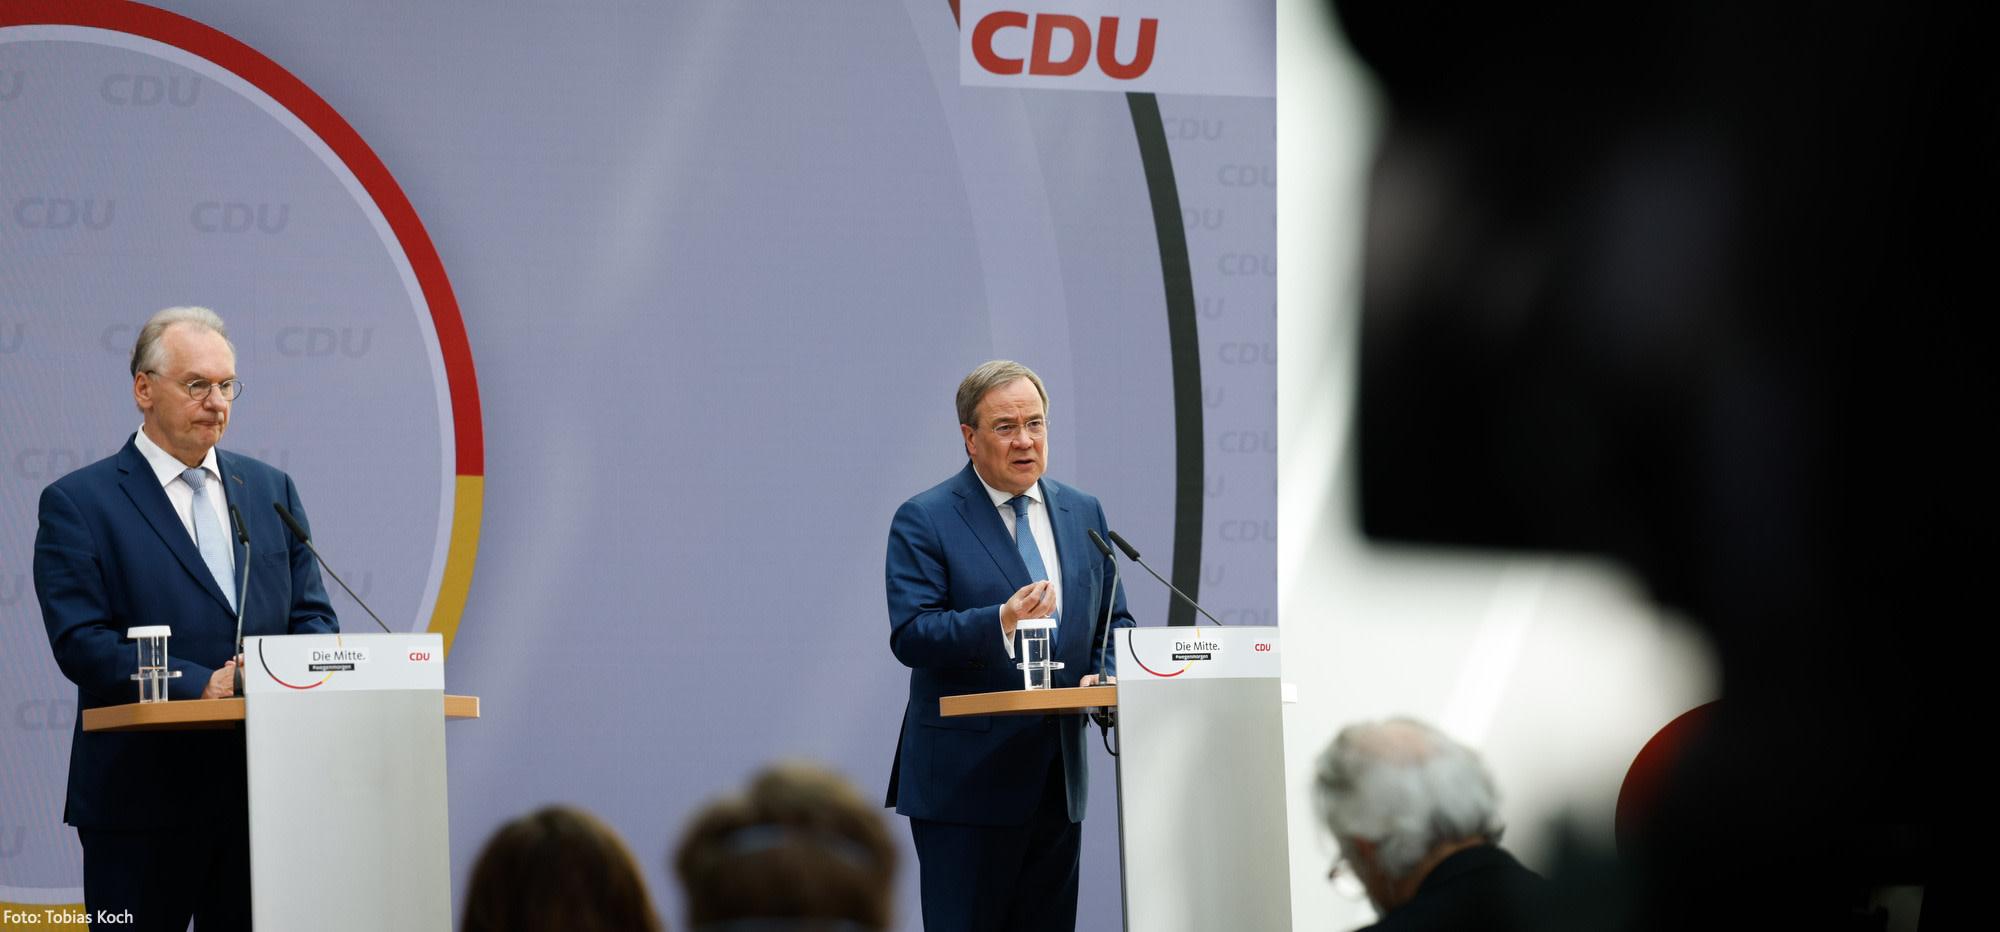 Foto: CDI/Tobias Koch